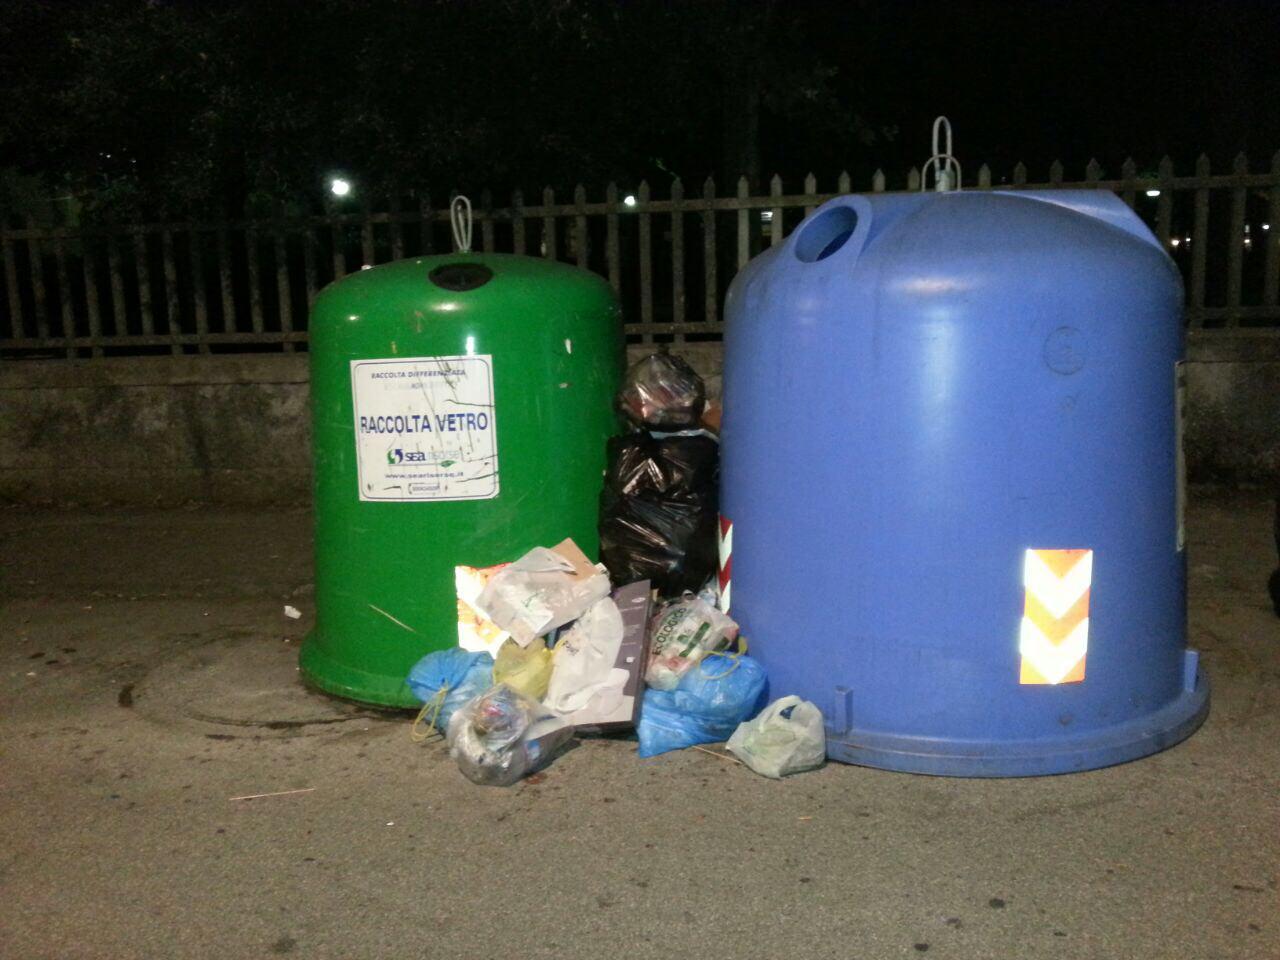 Lido invasa dai rifiuti. Le foto tra sporcizia e degrado